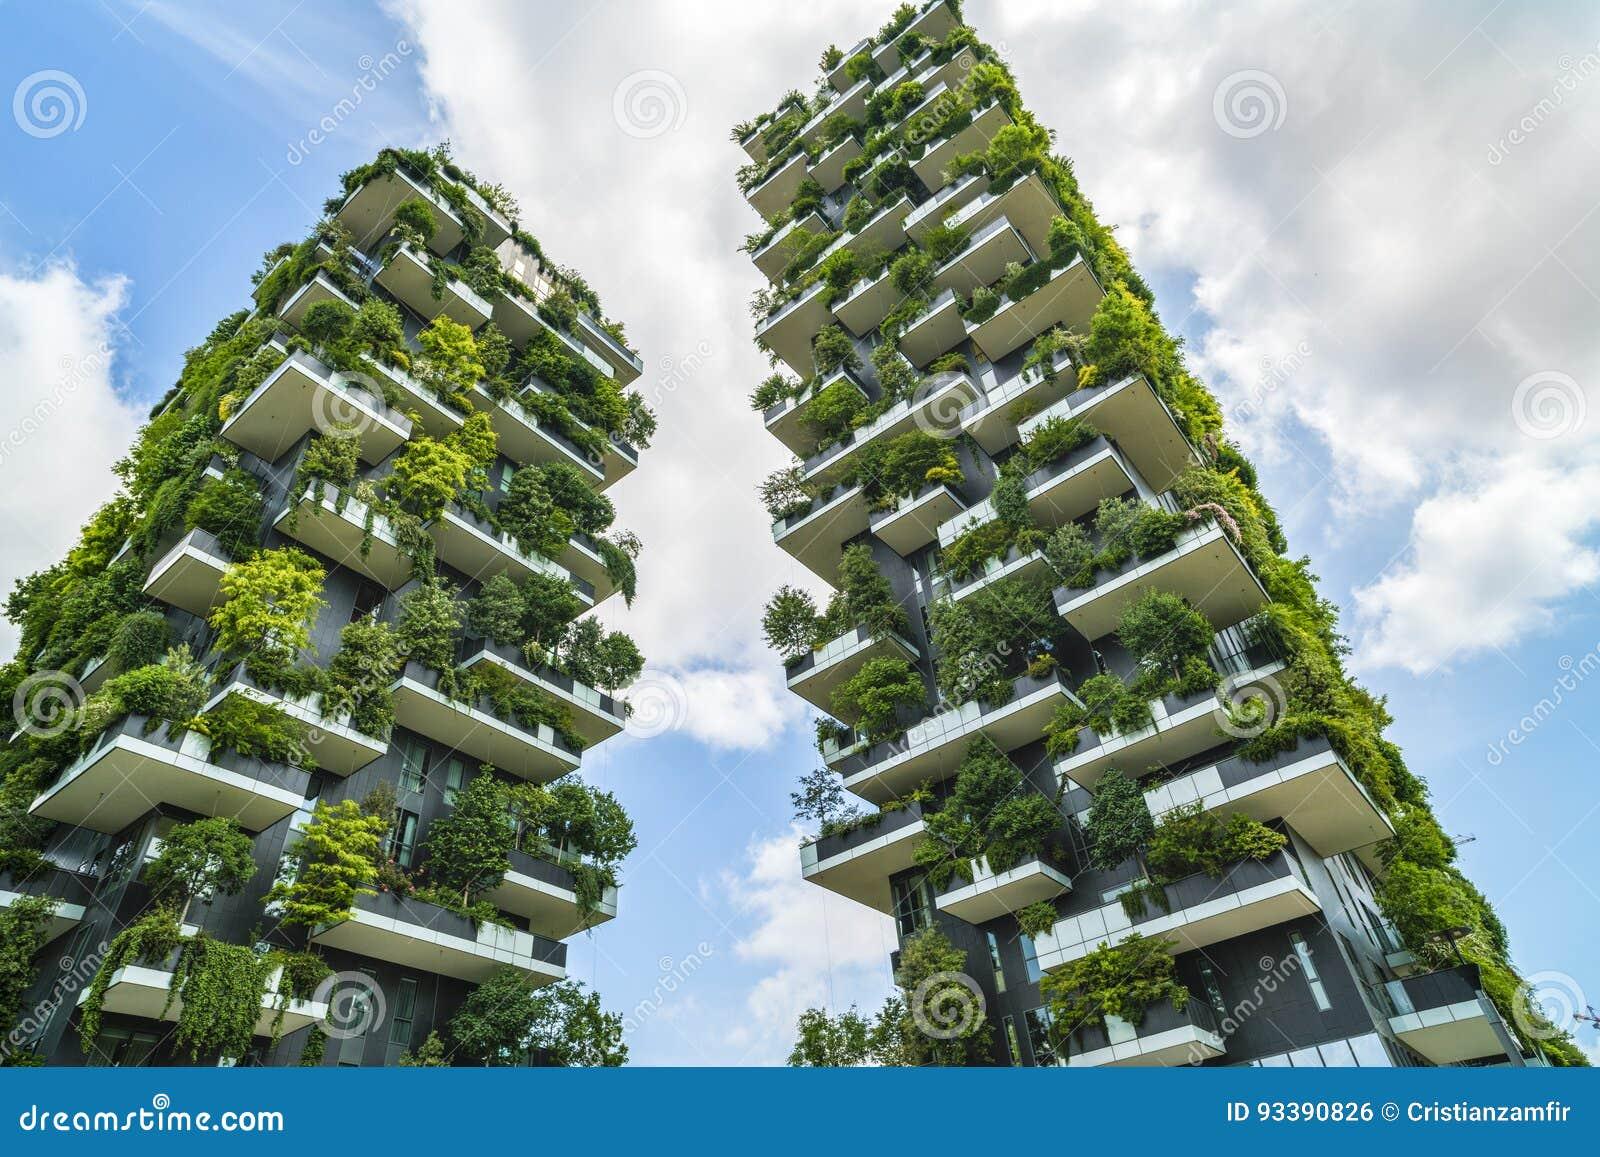 Foto Bosco Verticale Milano milan italien - maj 28, 2017: bosco verticale vertical